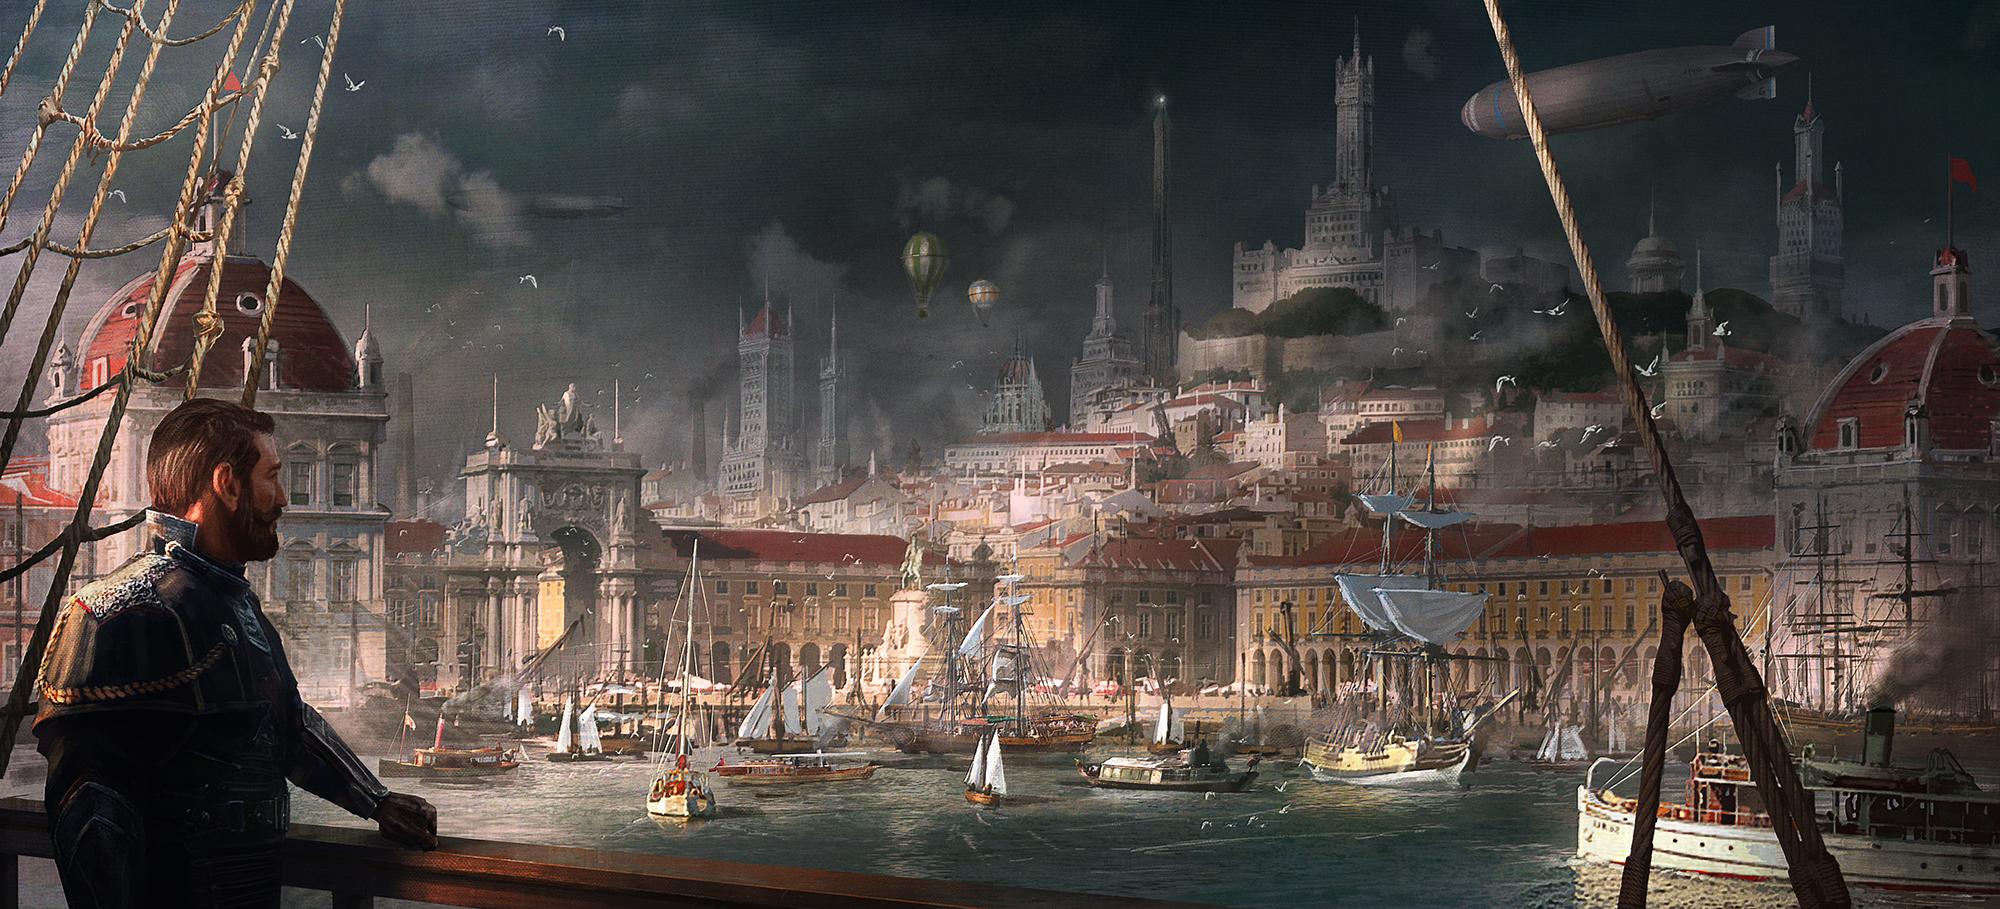 Lisbon_1424701793